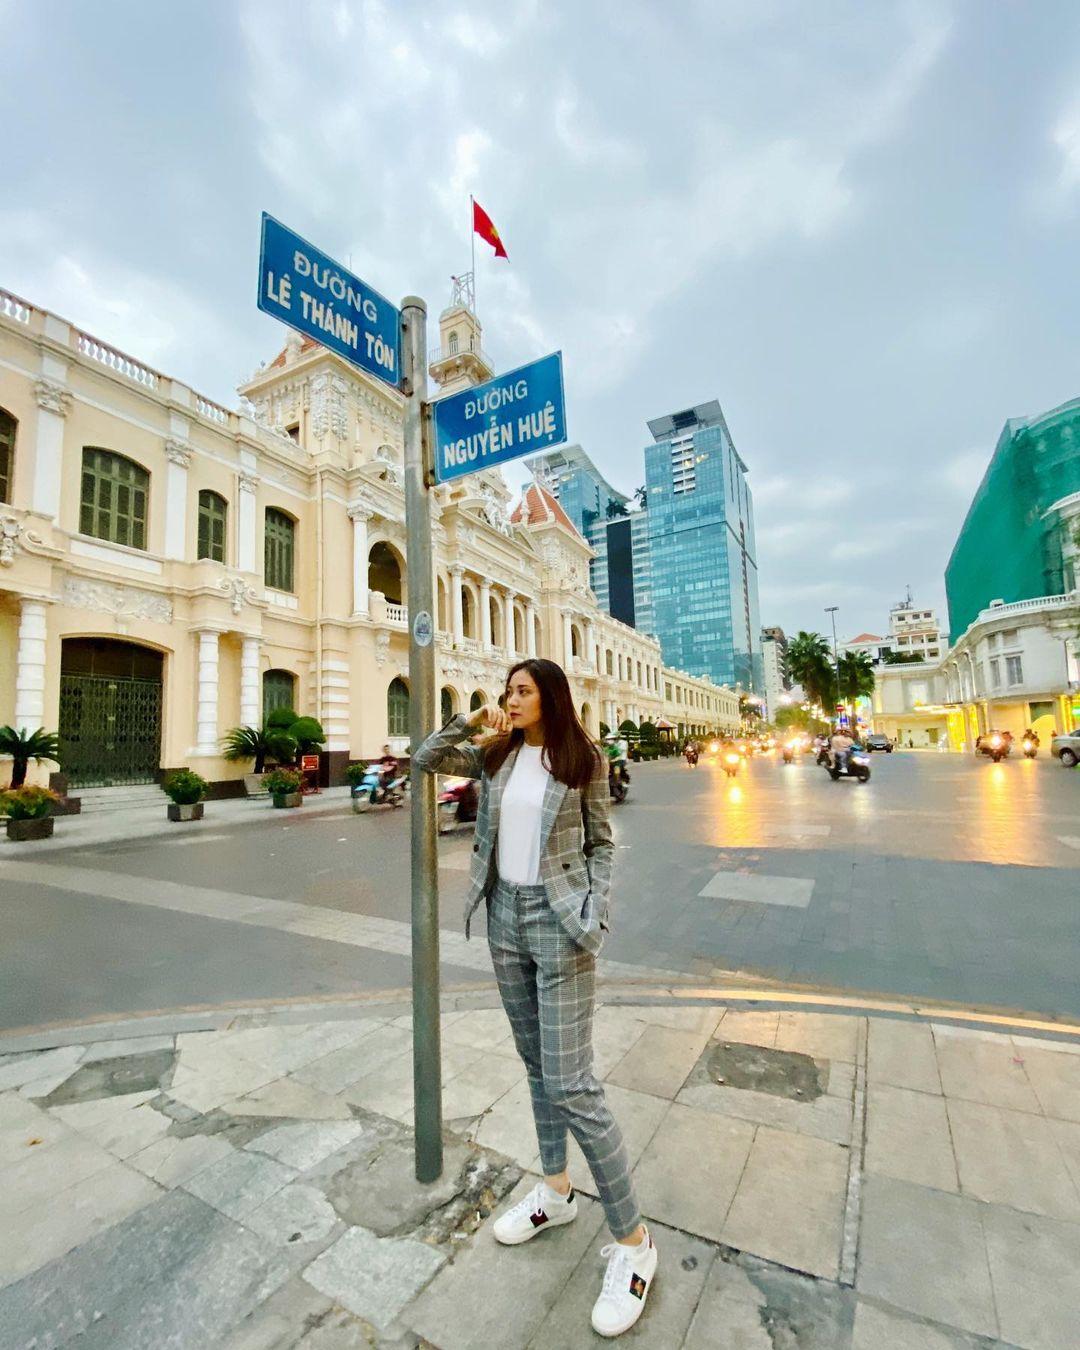 Sự ra đời của phố đi bộ Nguyễn Huệ